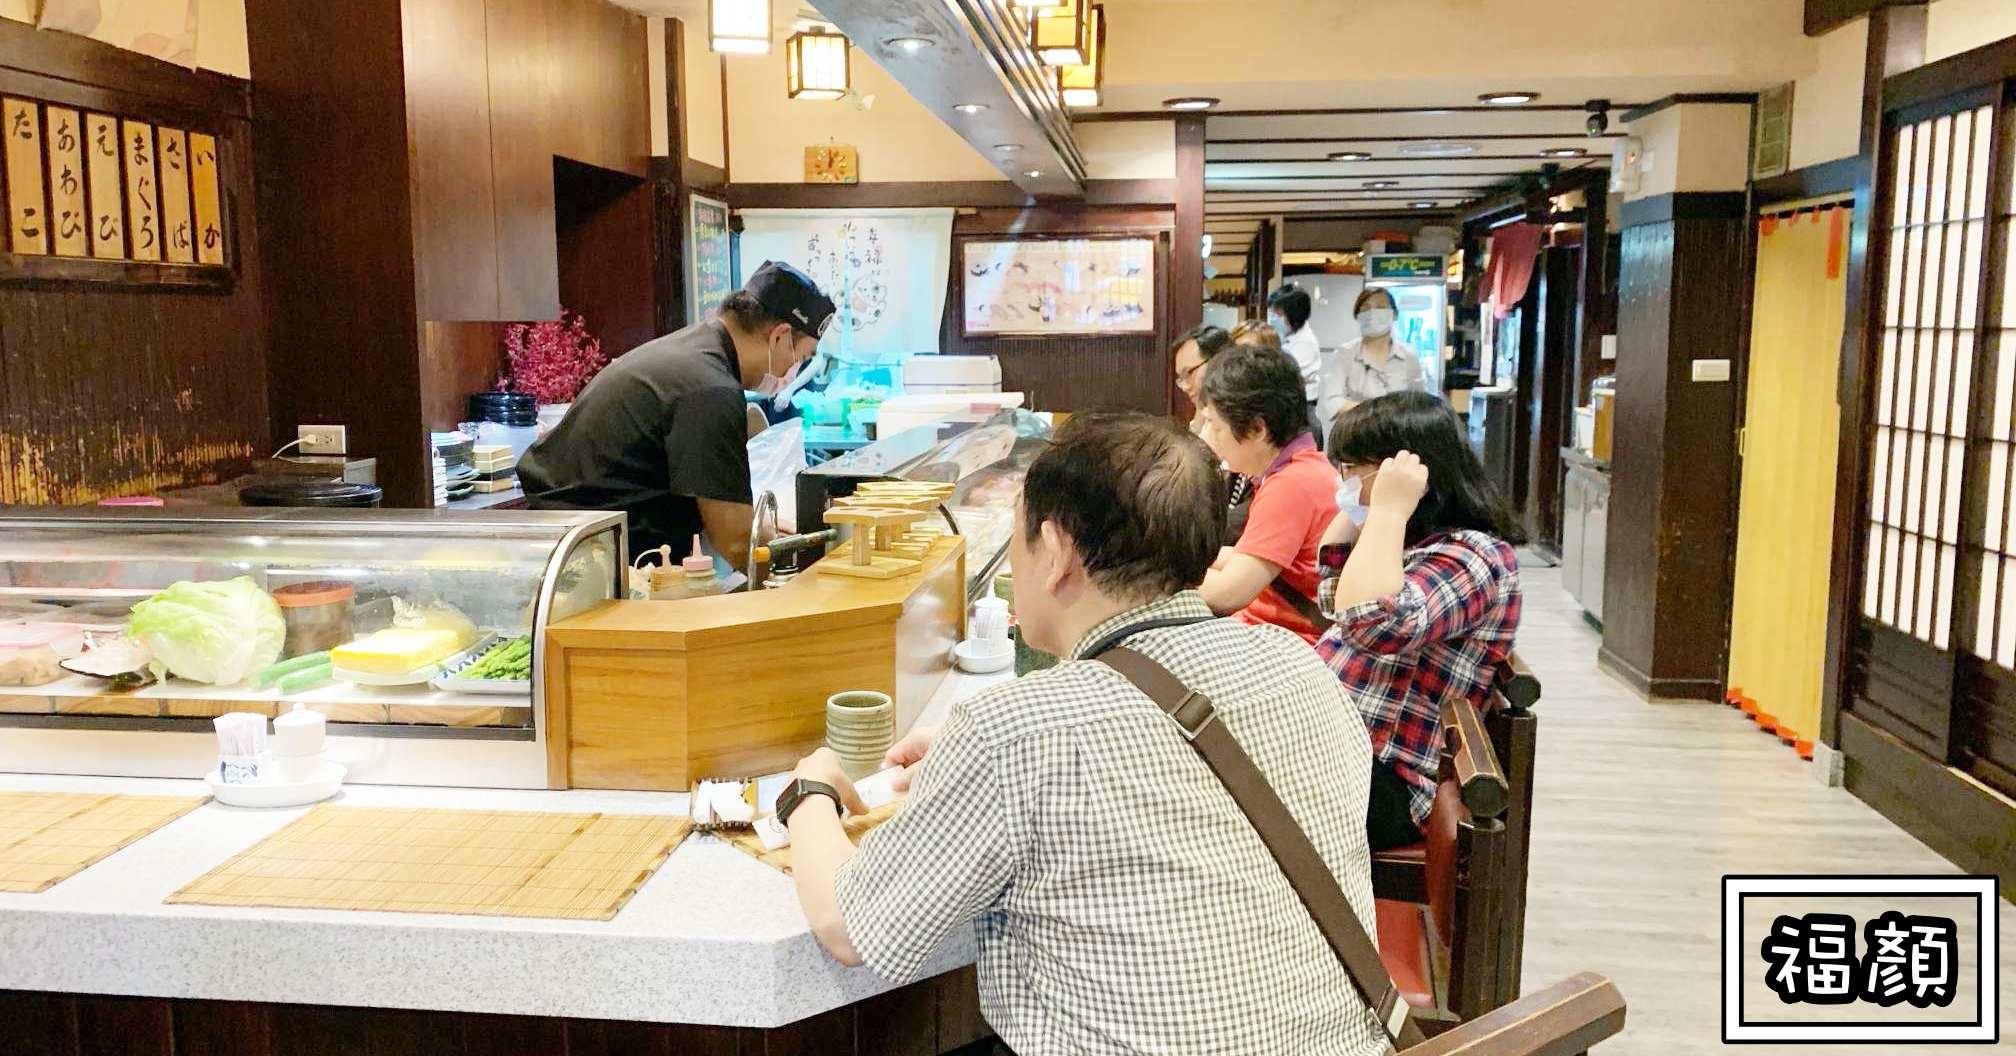 福顏割烹日本料理|南京復興美食-傳統日料老店 料理紮實出色 (菜單價錢)